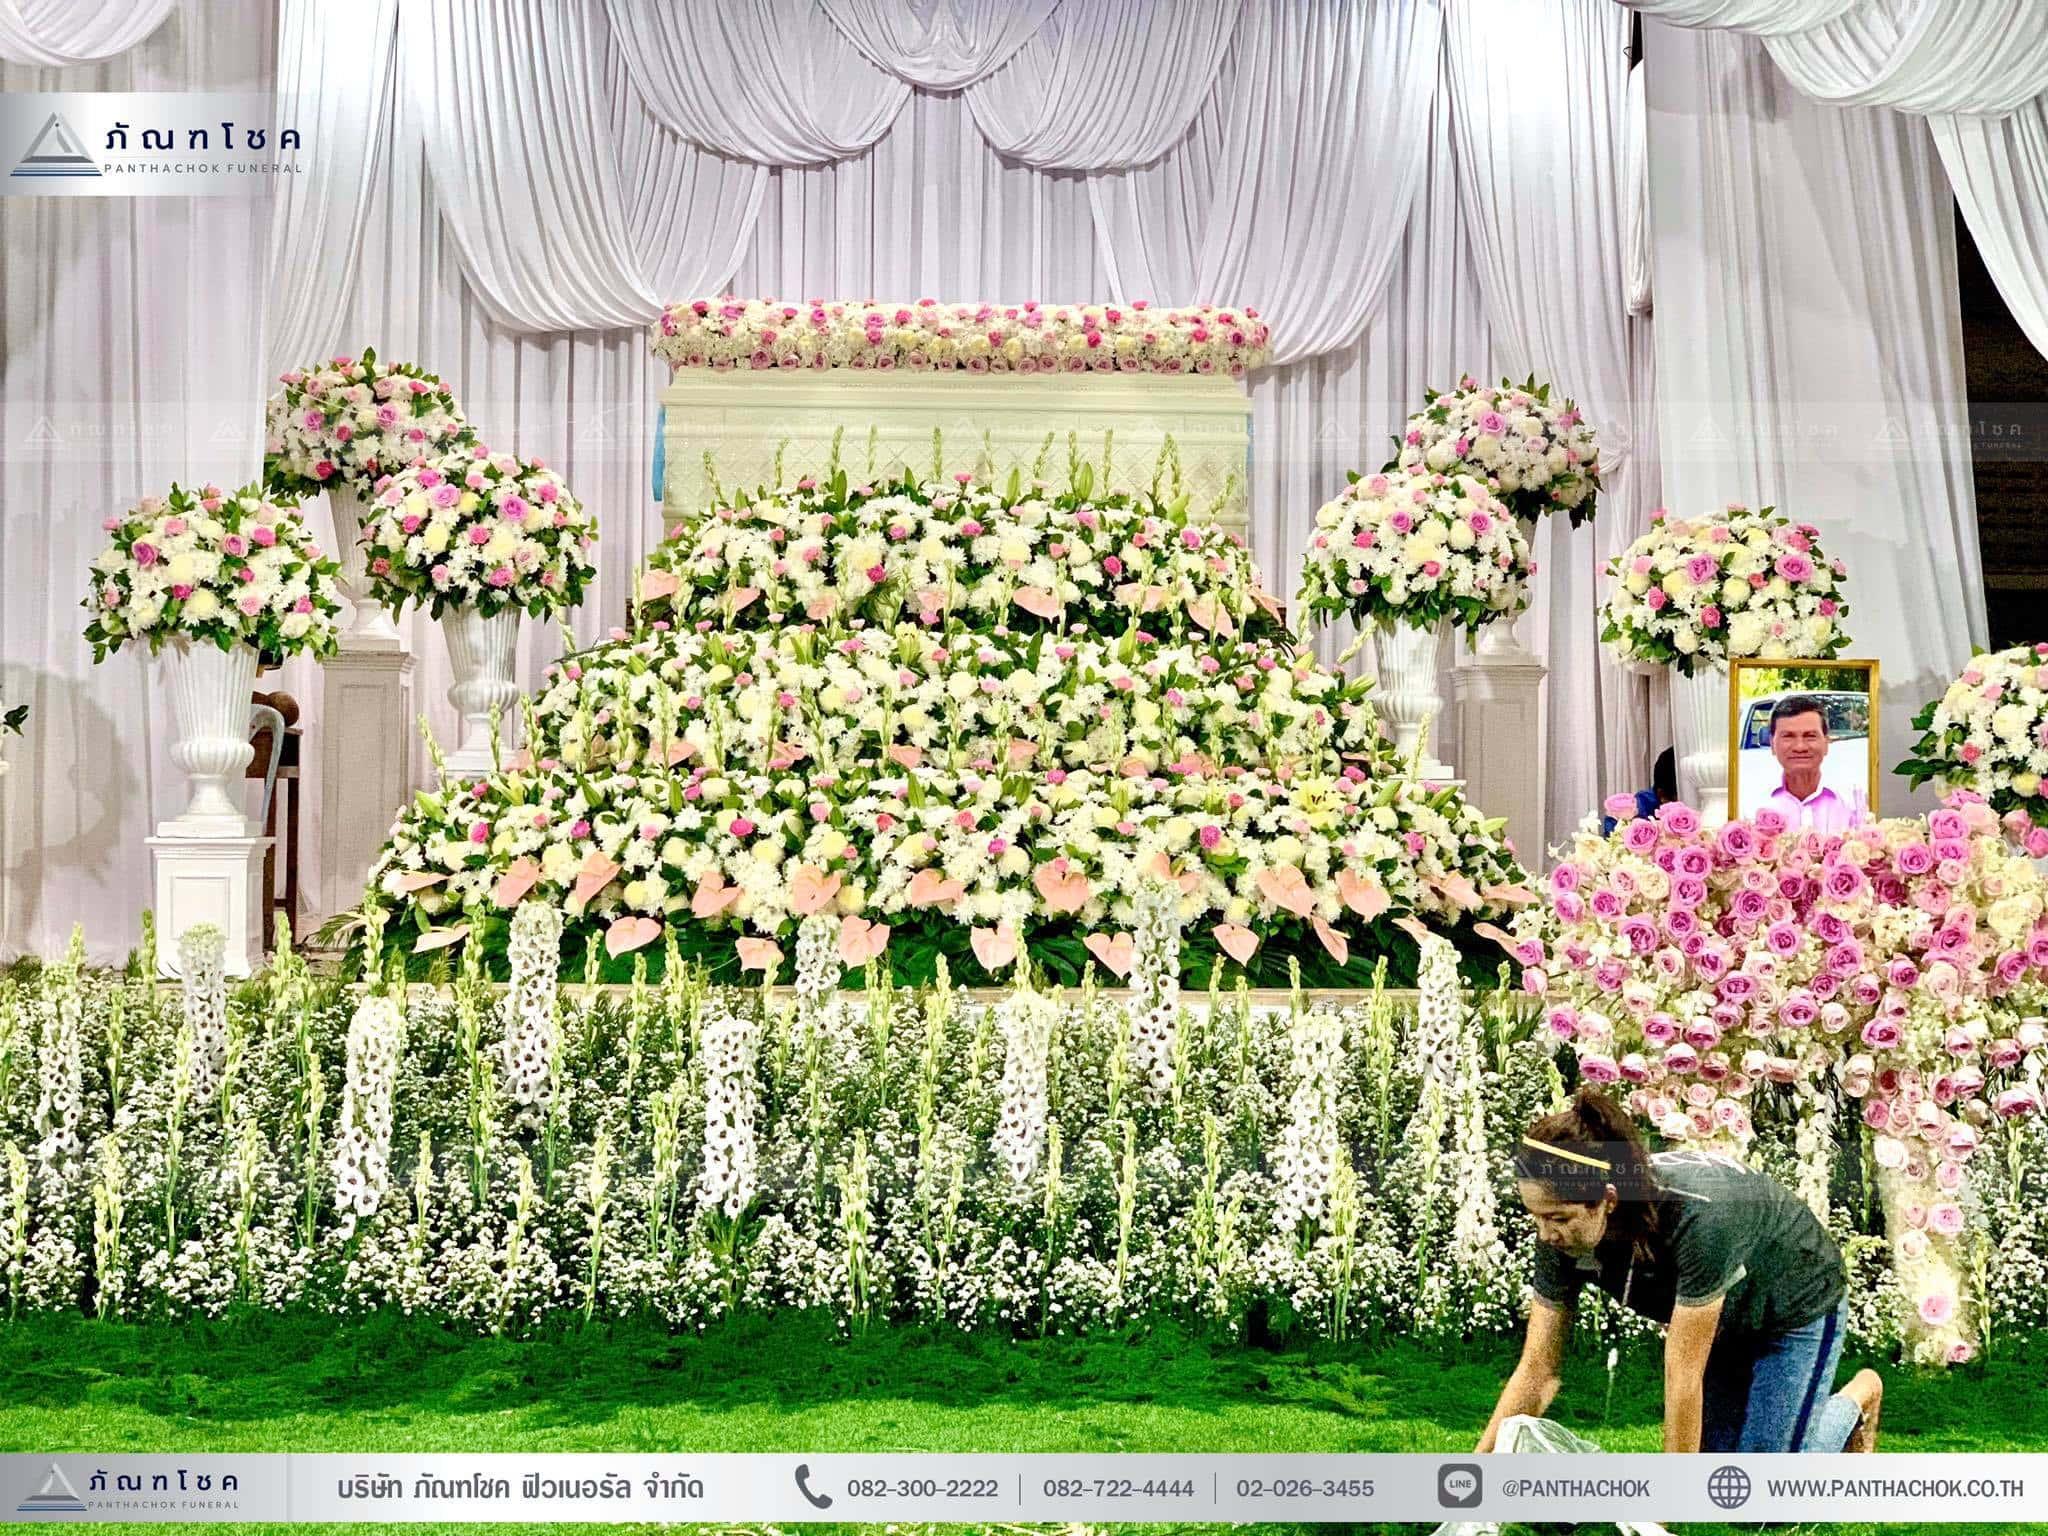 ดอกไม้ประดับหน้าโลง ดอกไม้ต่างประเทศ ดอกไม้สด จัดดอกไม้ทั่วประเทศ